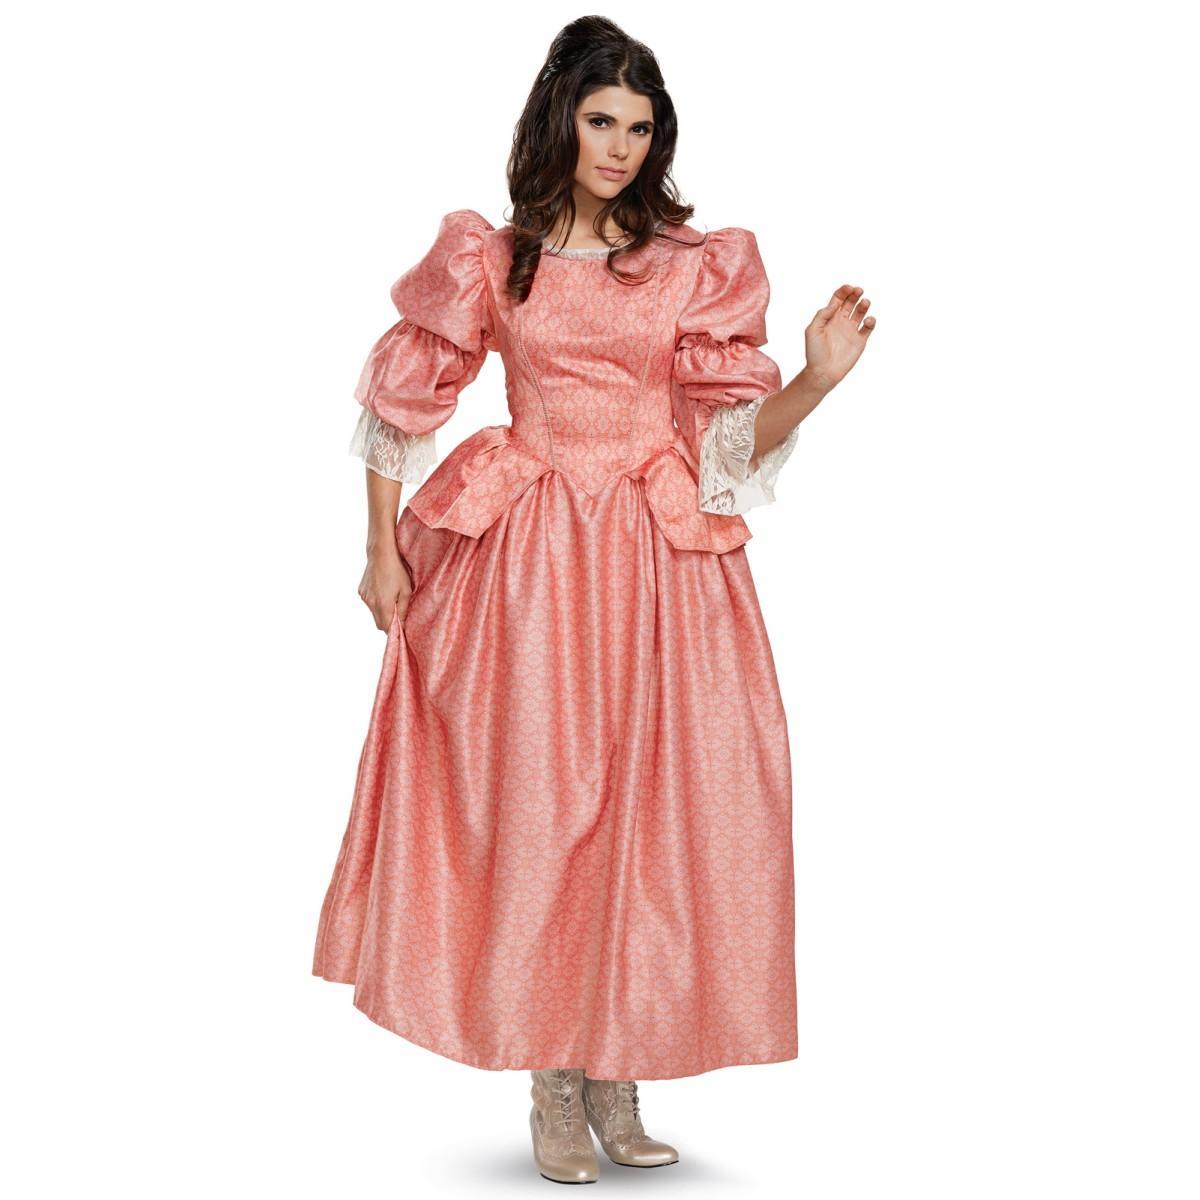 パイレーツ・オブ・カリビアン 最後の海賊 コスプレ カリーナ・スミス コスチューム ドレス 衣装 大人 レディース 仮装